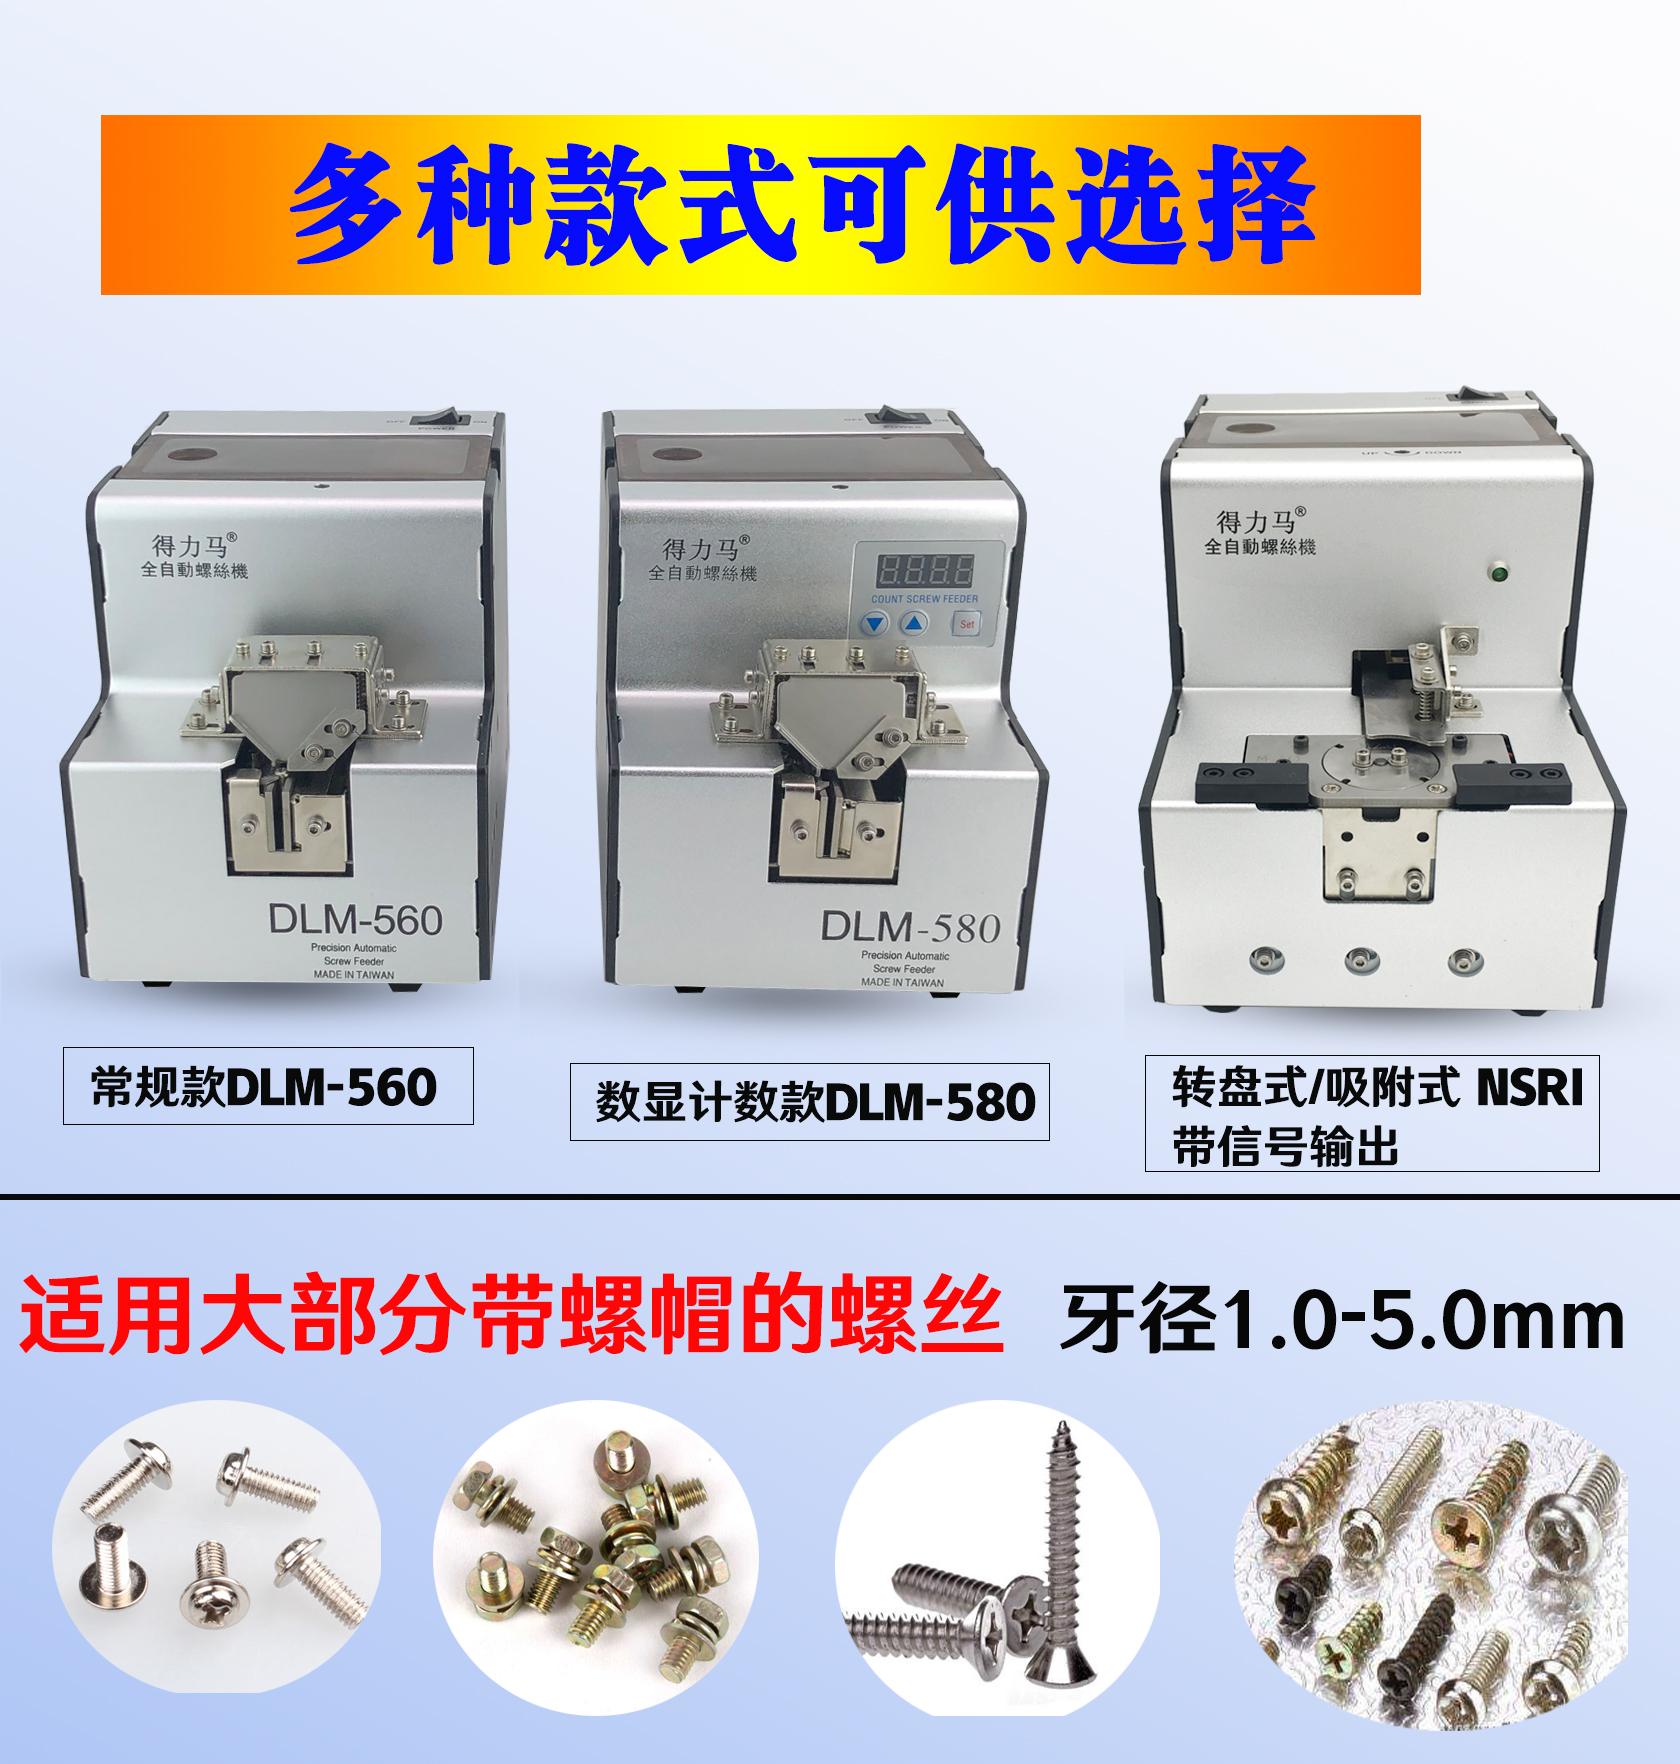 得力马DLM-560自动螺丝机1.0-5.0可调轨道螺丝机排列机送料供给机